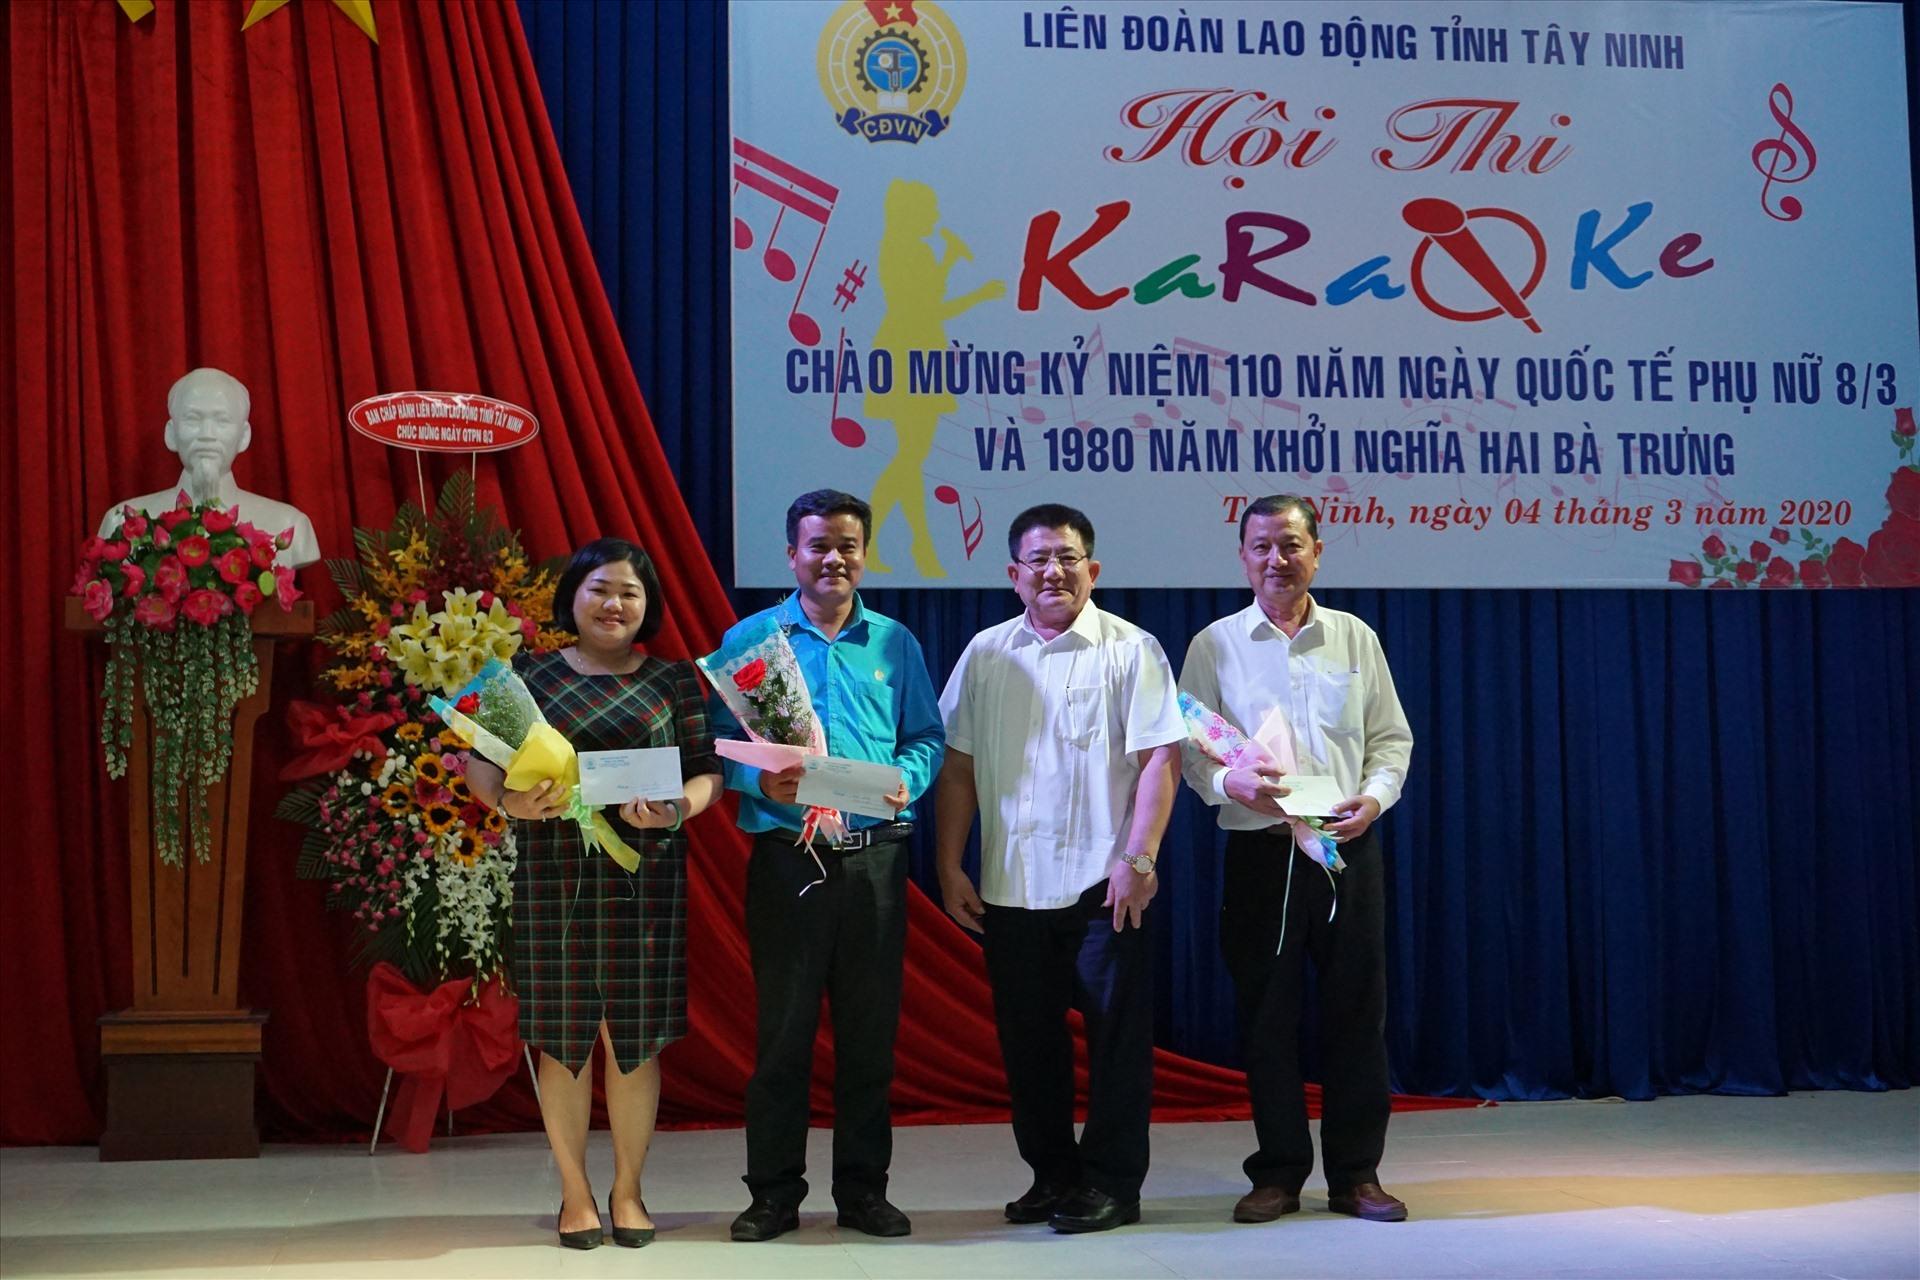 Ông Võ Văn Dũng – Chủ tịch LĐLĐ tỉnh trao thưởng cho các thí sinh đạt giải cao.